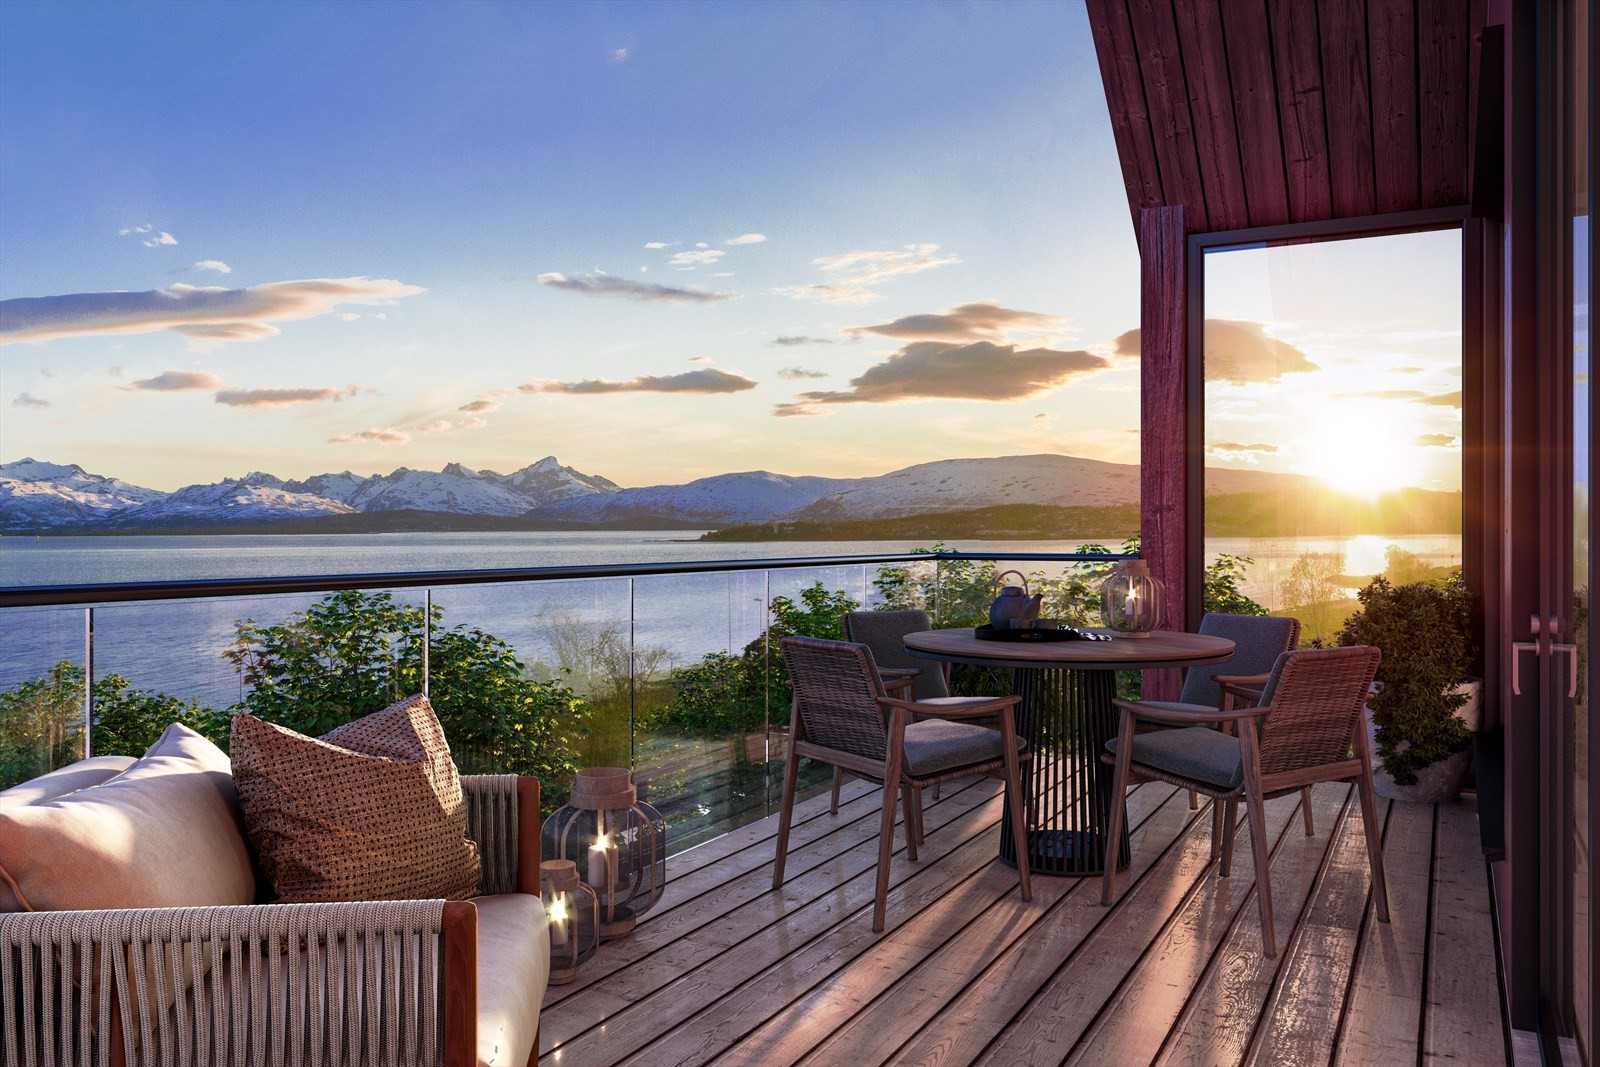 Store verandaer med nydelig utsikt - Kan det bli bedre?